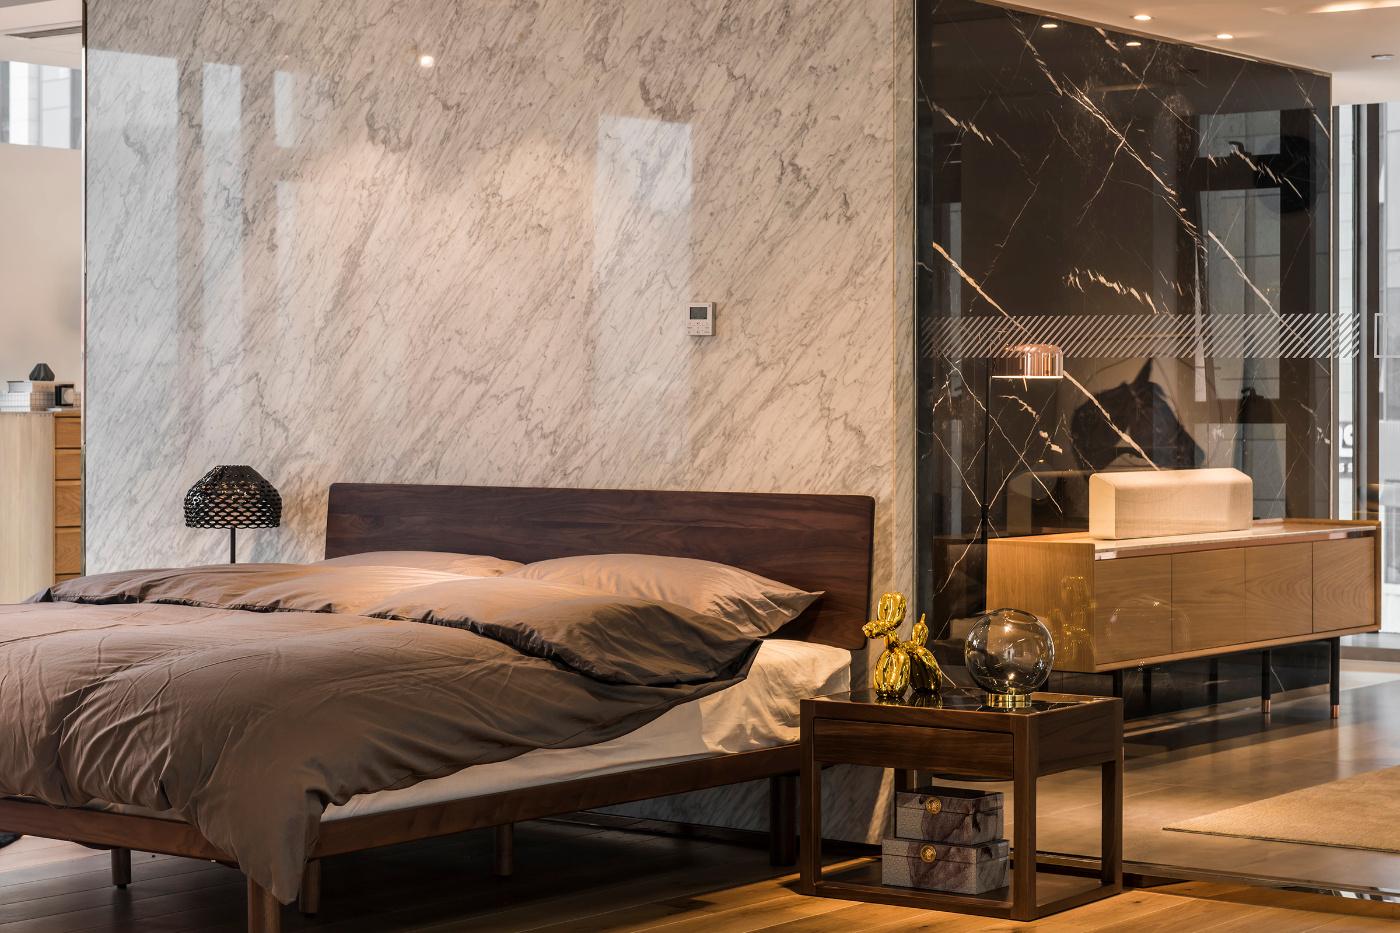 美璟展厅空间装修卧室背景墙效果图